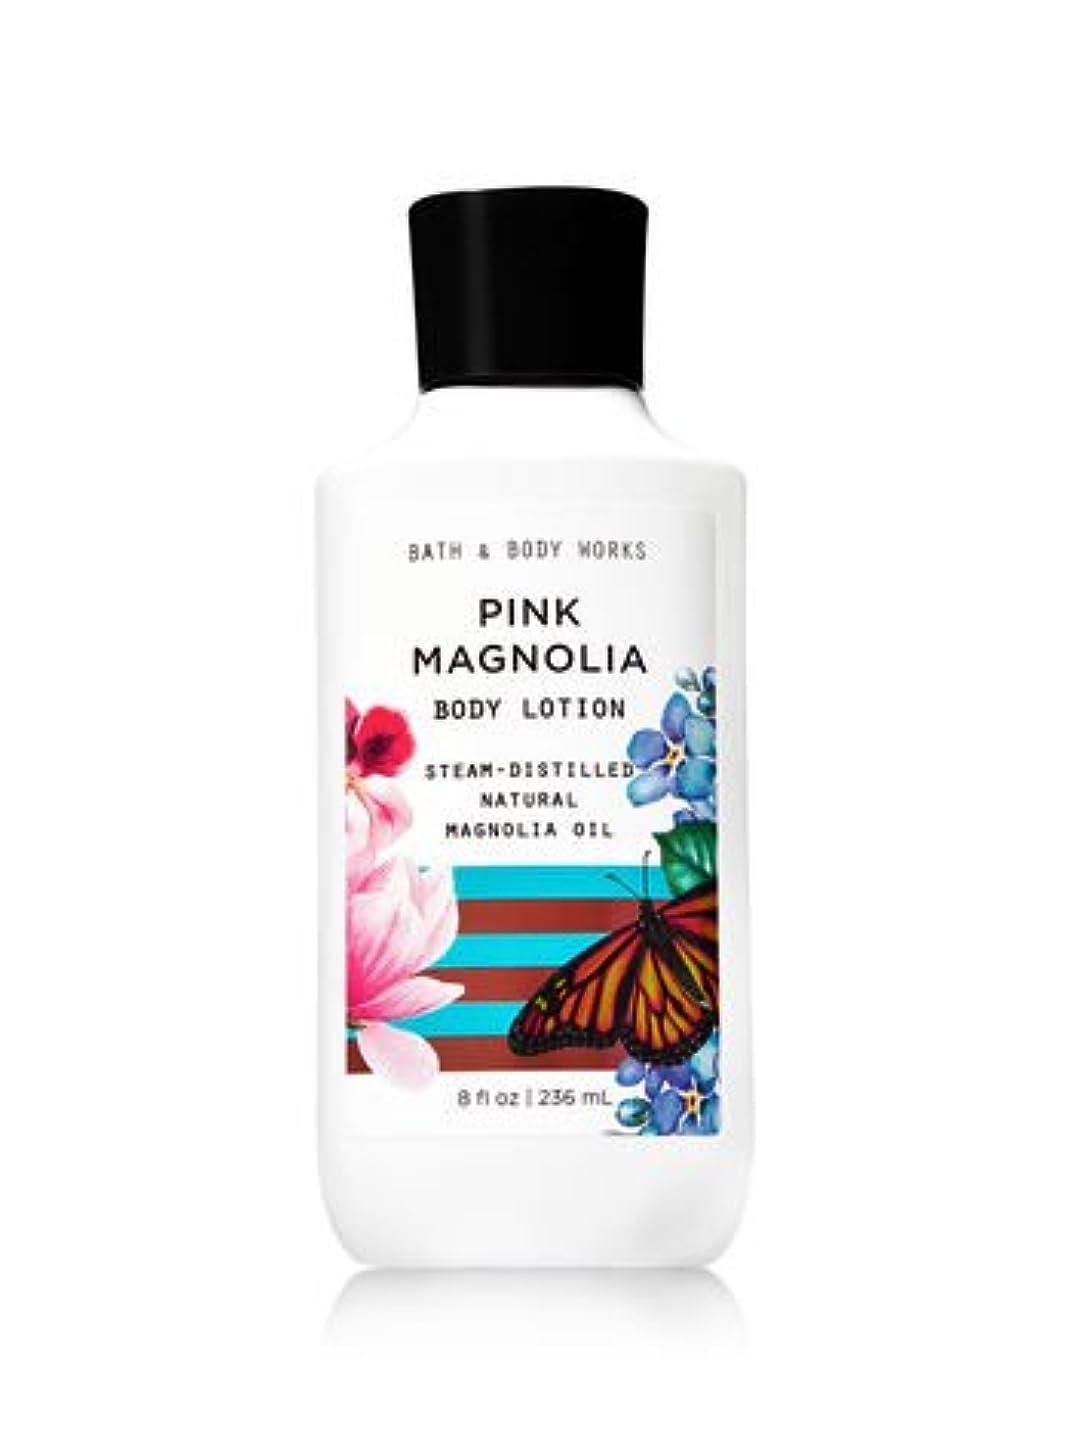 フラフープ資金三角【Bath&Body Works/バス&ボディワークス】 ボディローション ピンクマグノリア Body Lotion Pink Magnolia 8 fl oz/236 mL [並行輸入品]